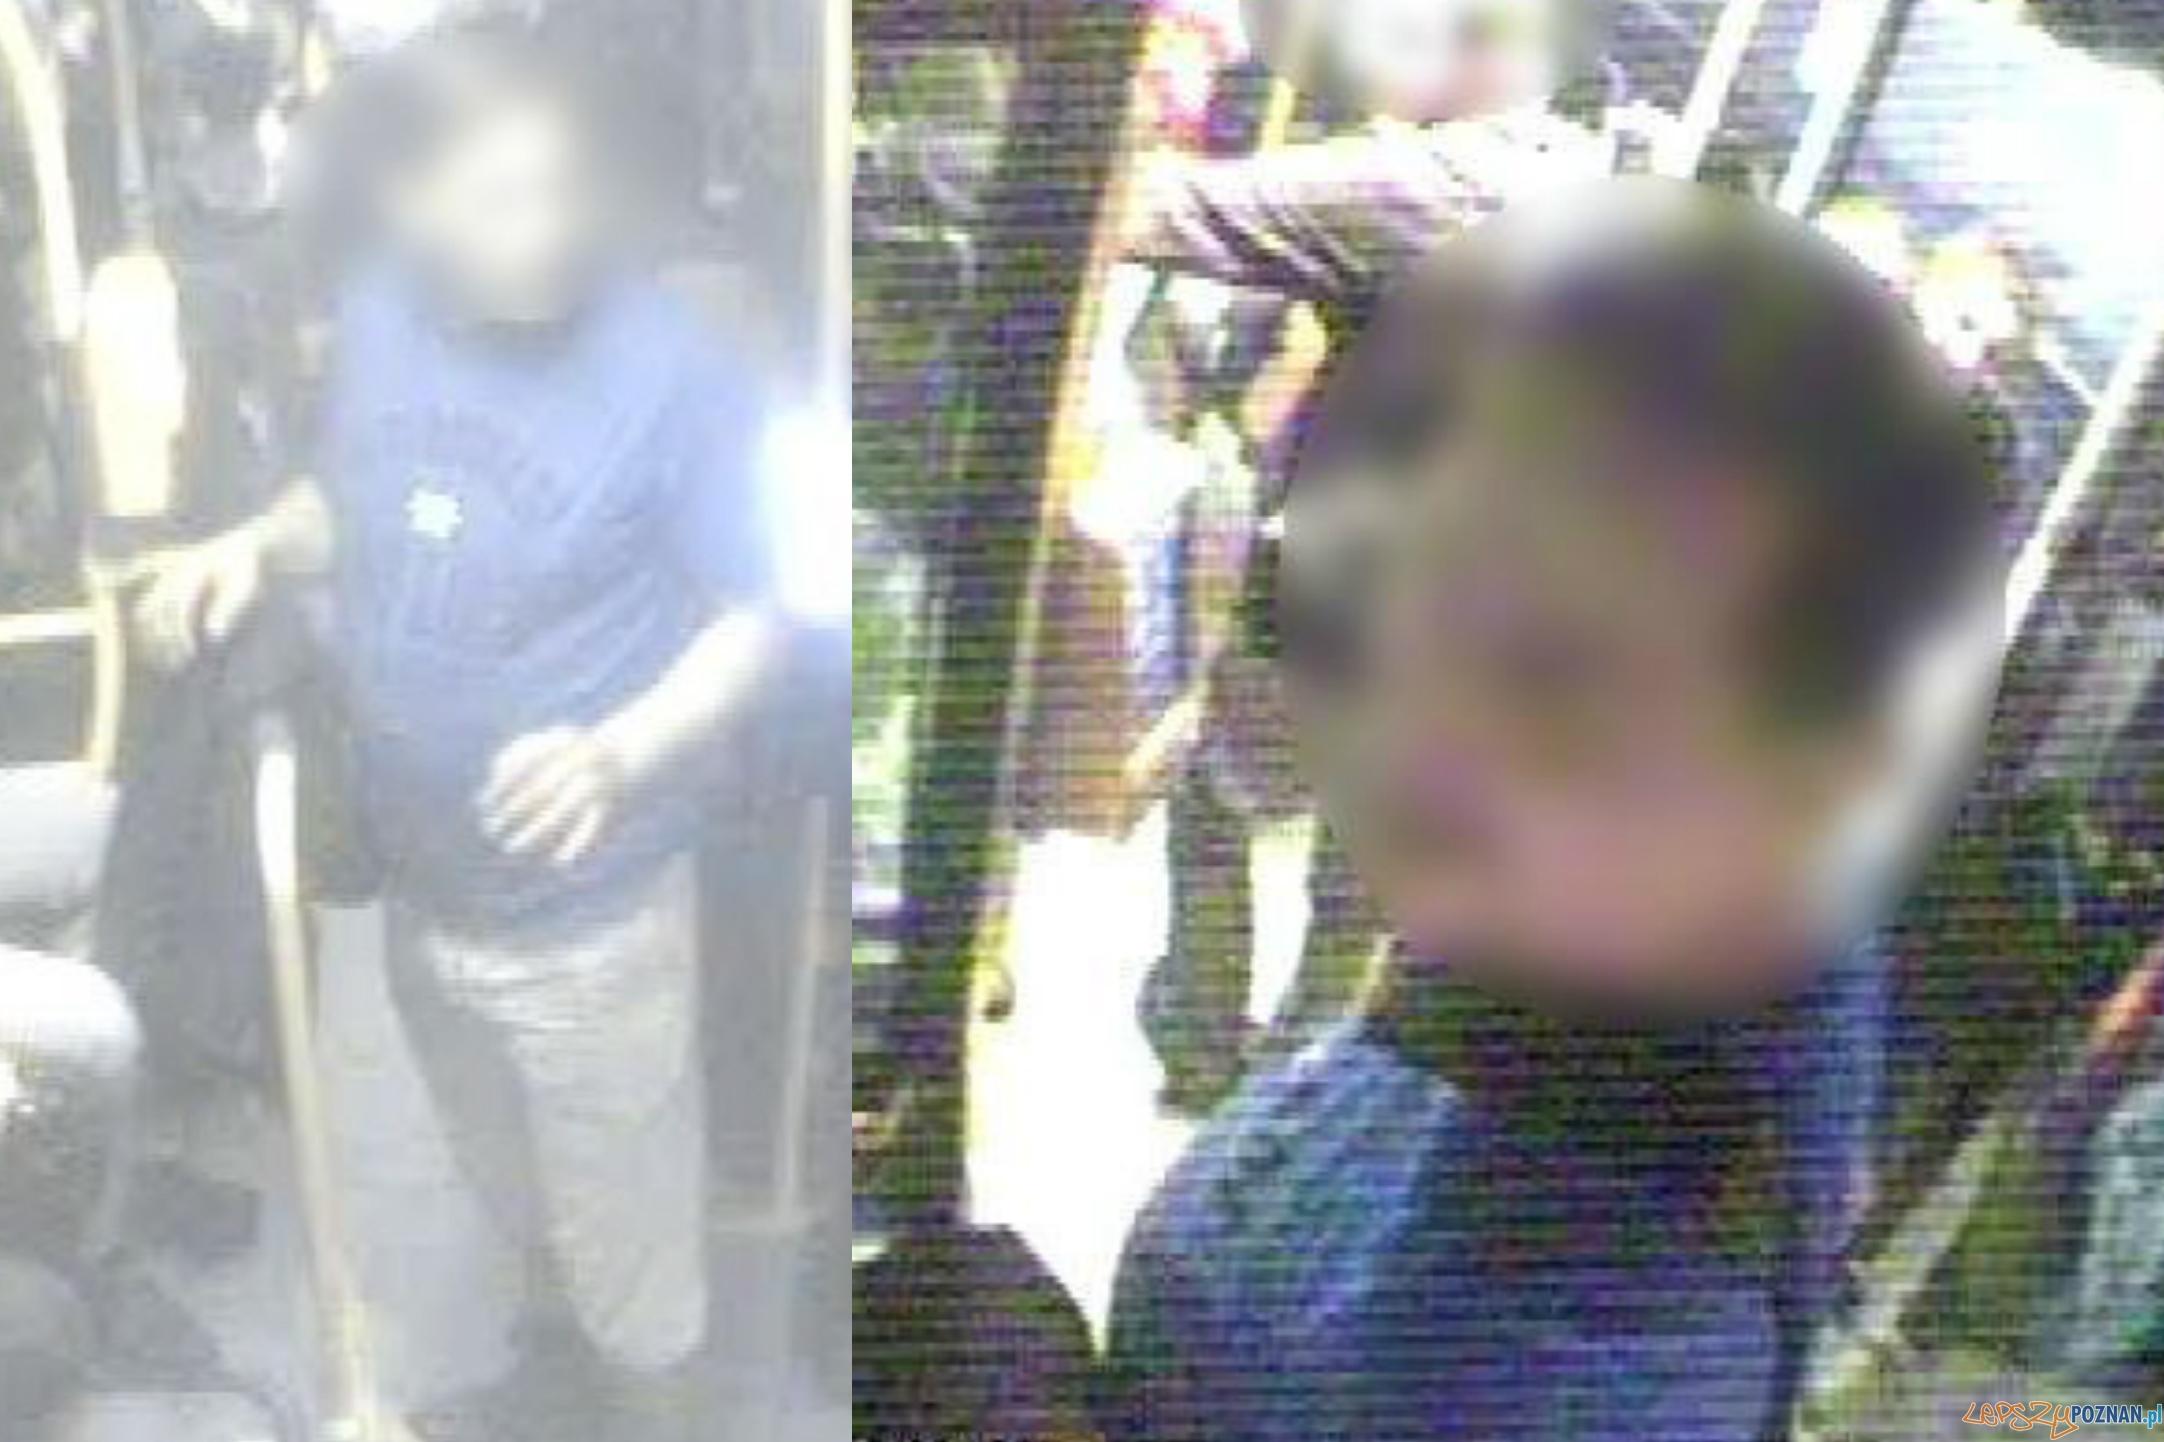 Napastnik zatrzymany  Foto: monitoring